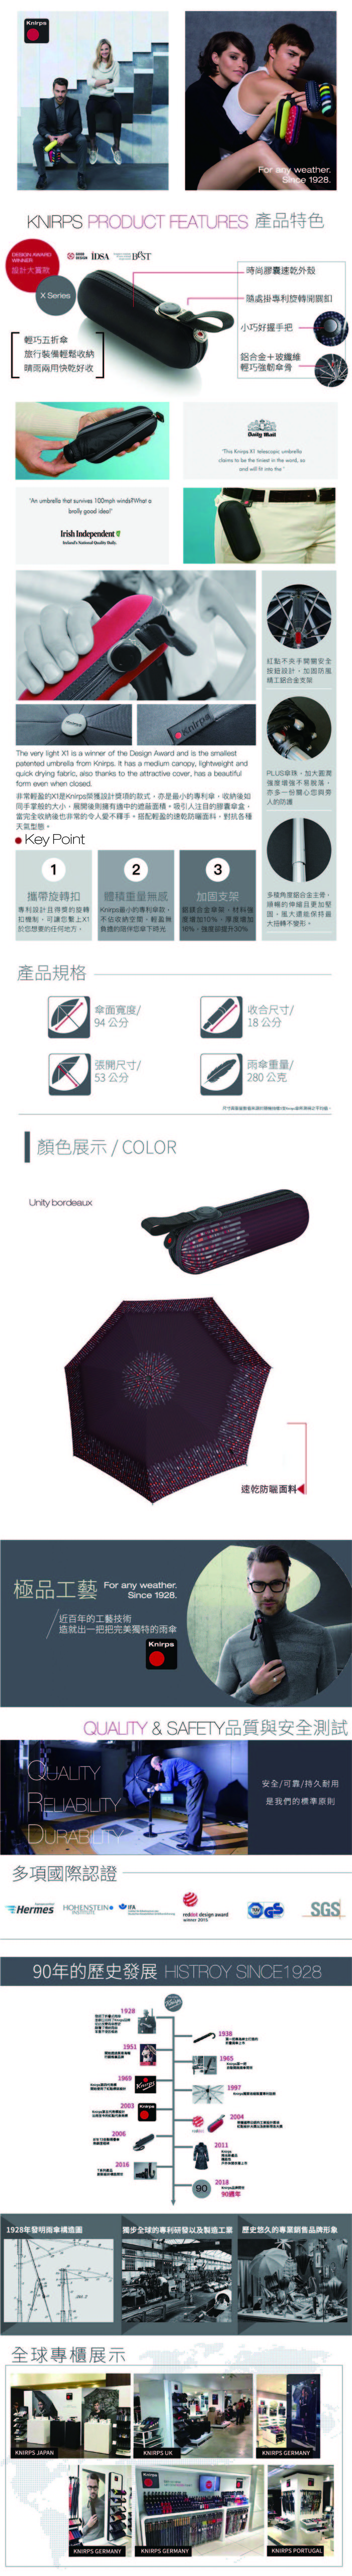 (複製)Knirps德國紅點傘|X1 膠囊五折傘-Seaside